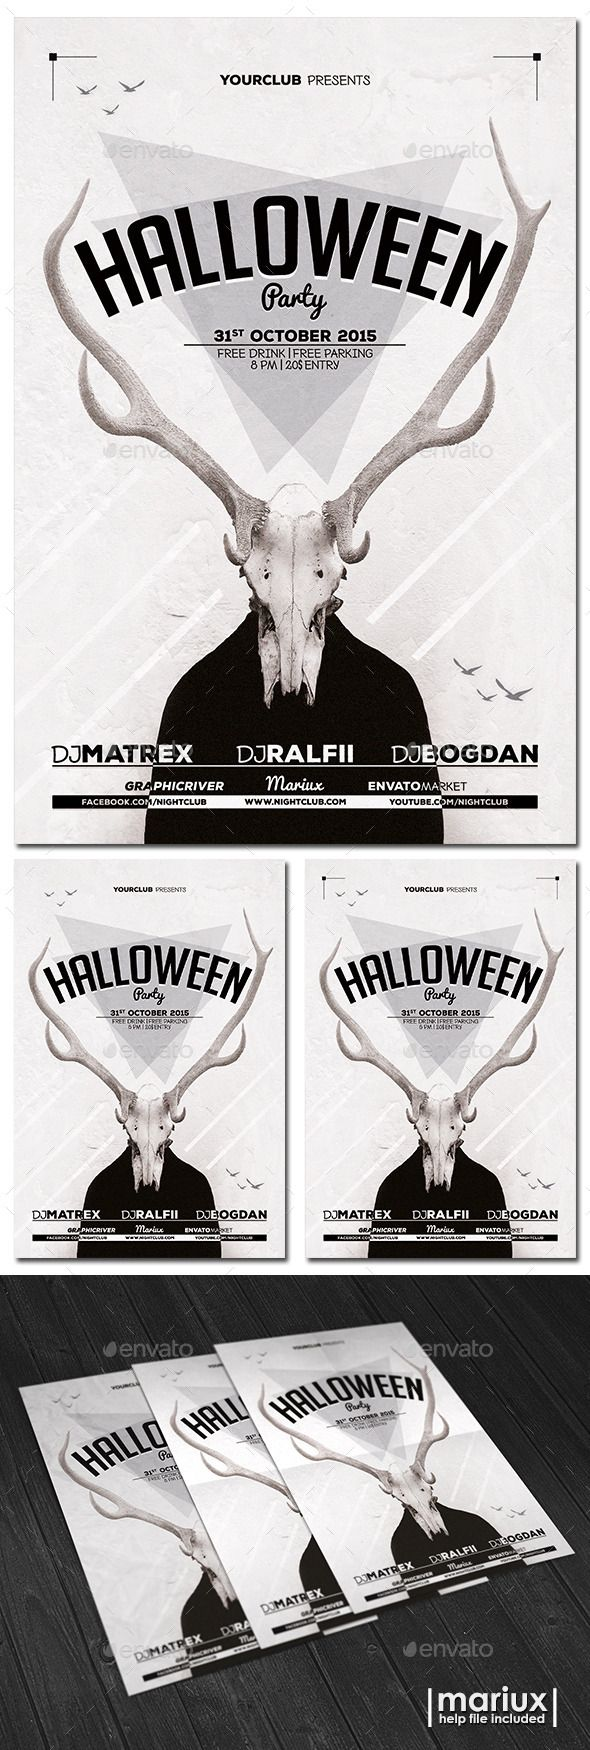 Die besten 25+ Halloween Party Flyer Ideen auf Pinterest ...